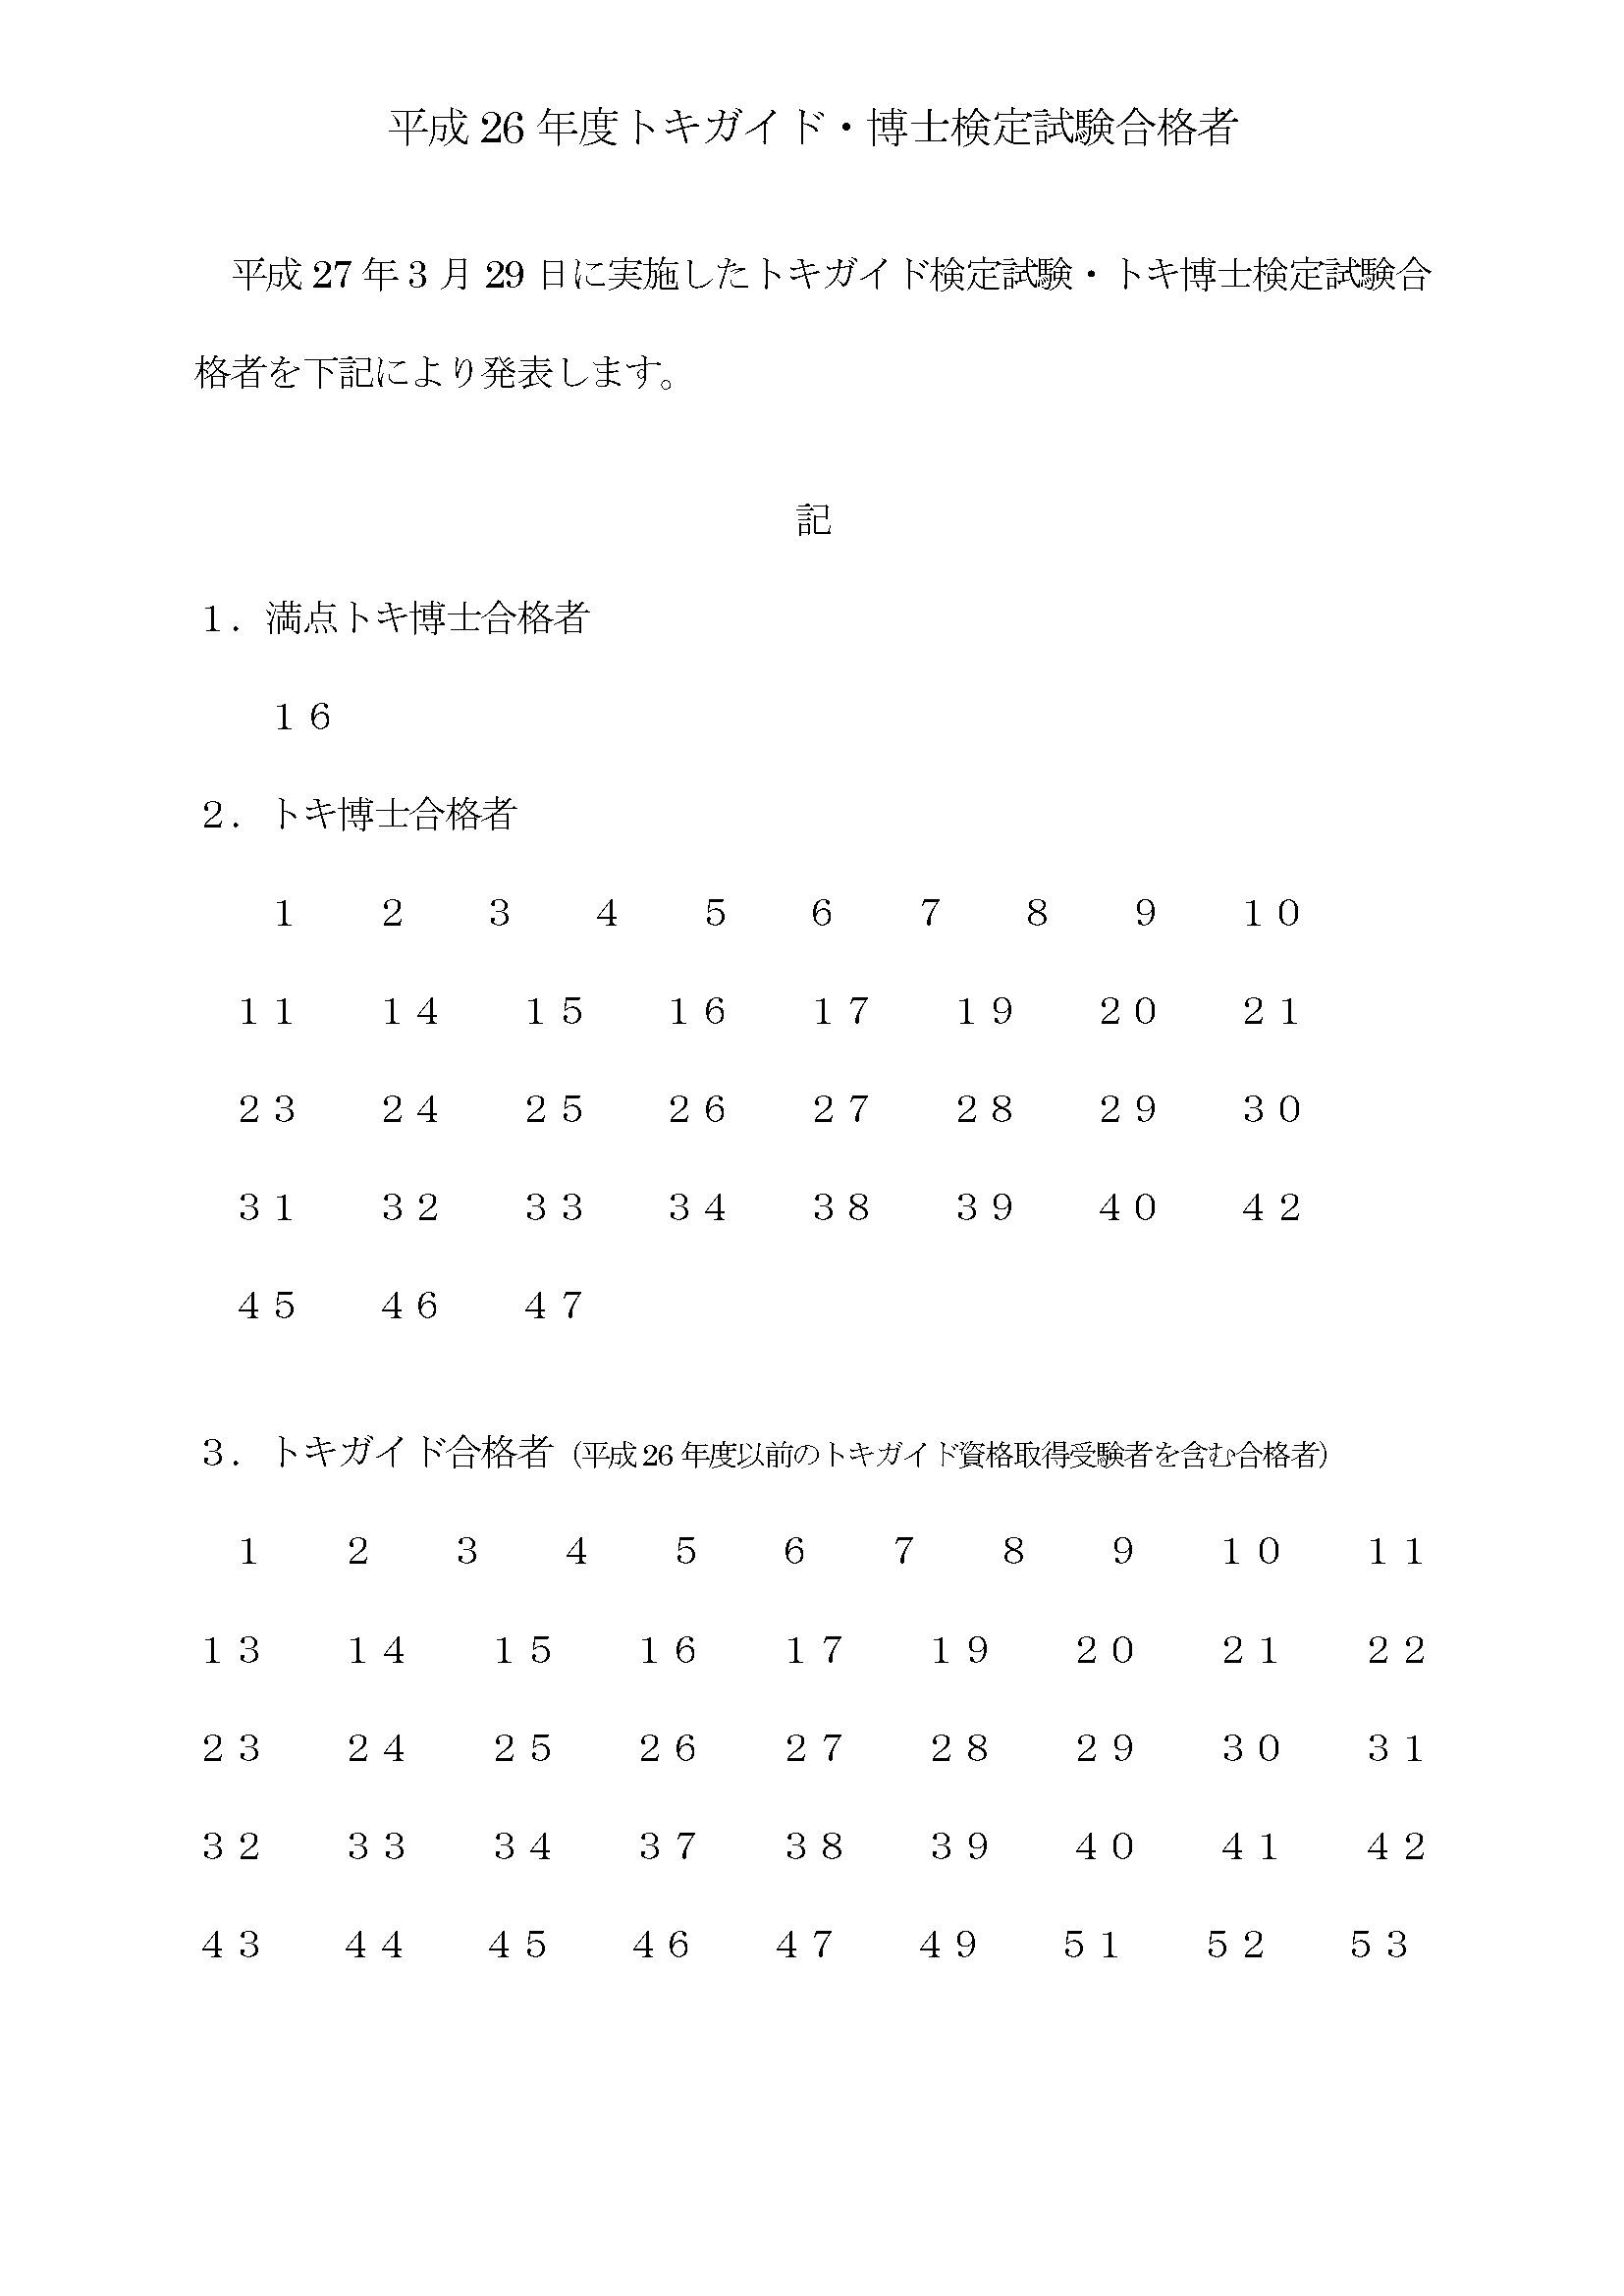 平成26年度トキガイド・博士検定試験合格者